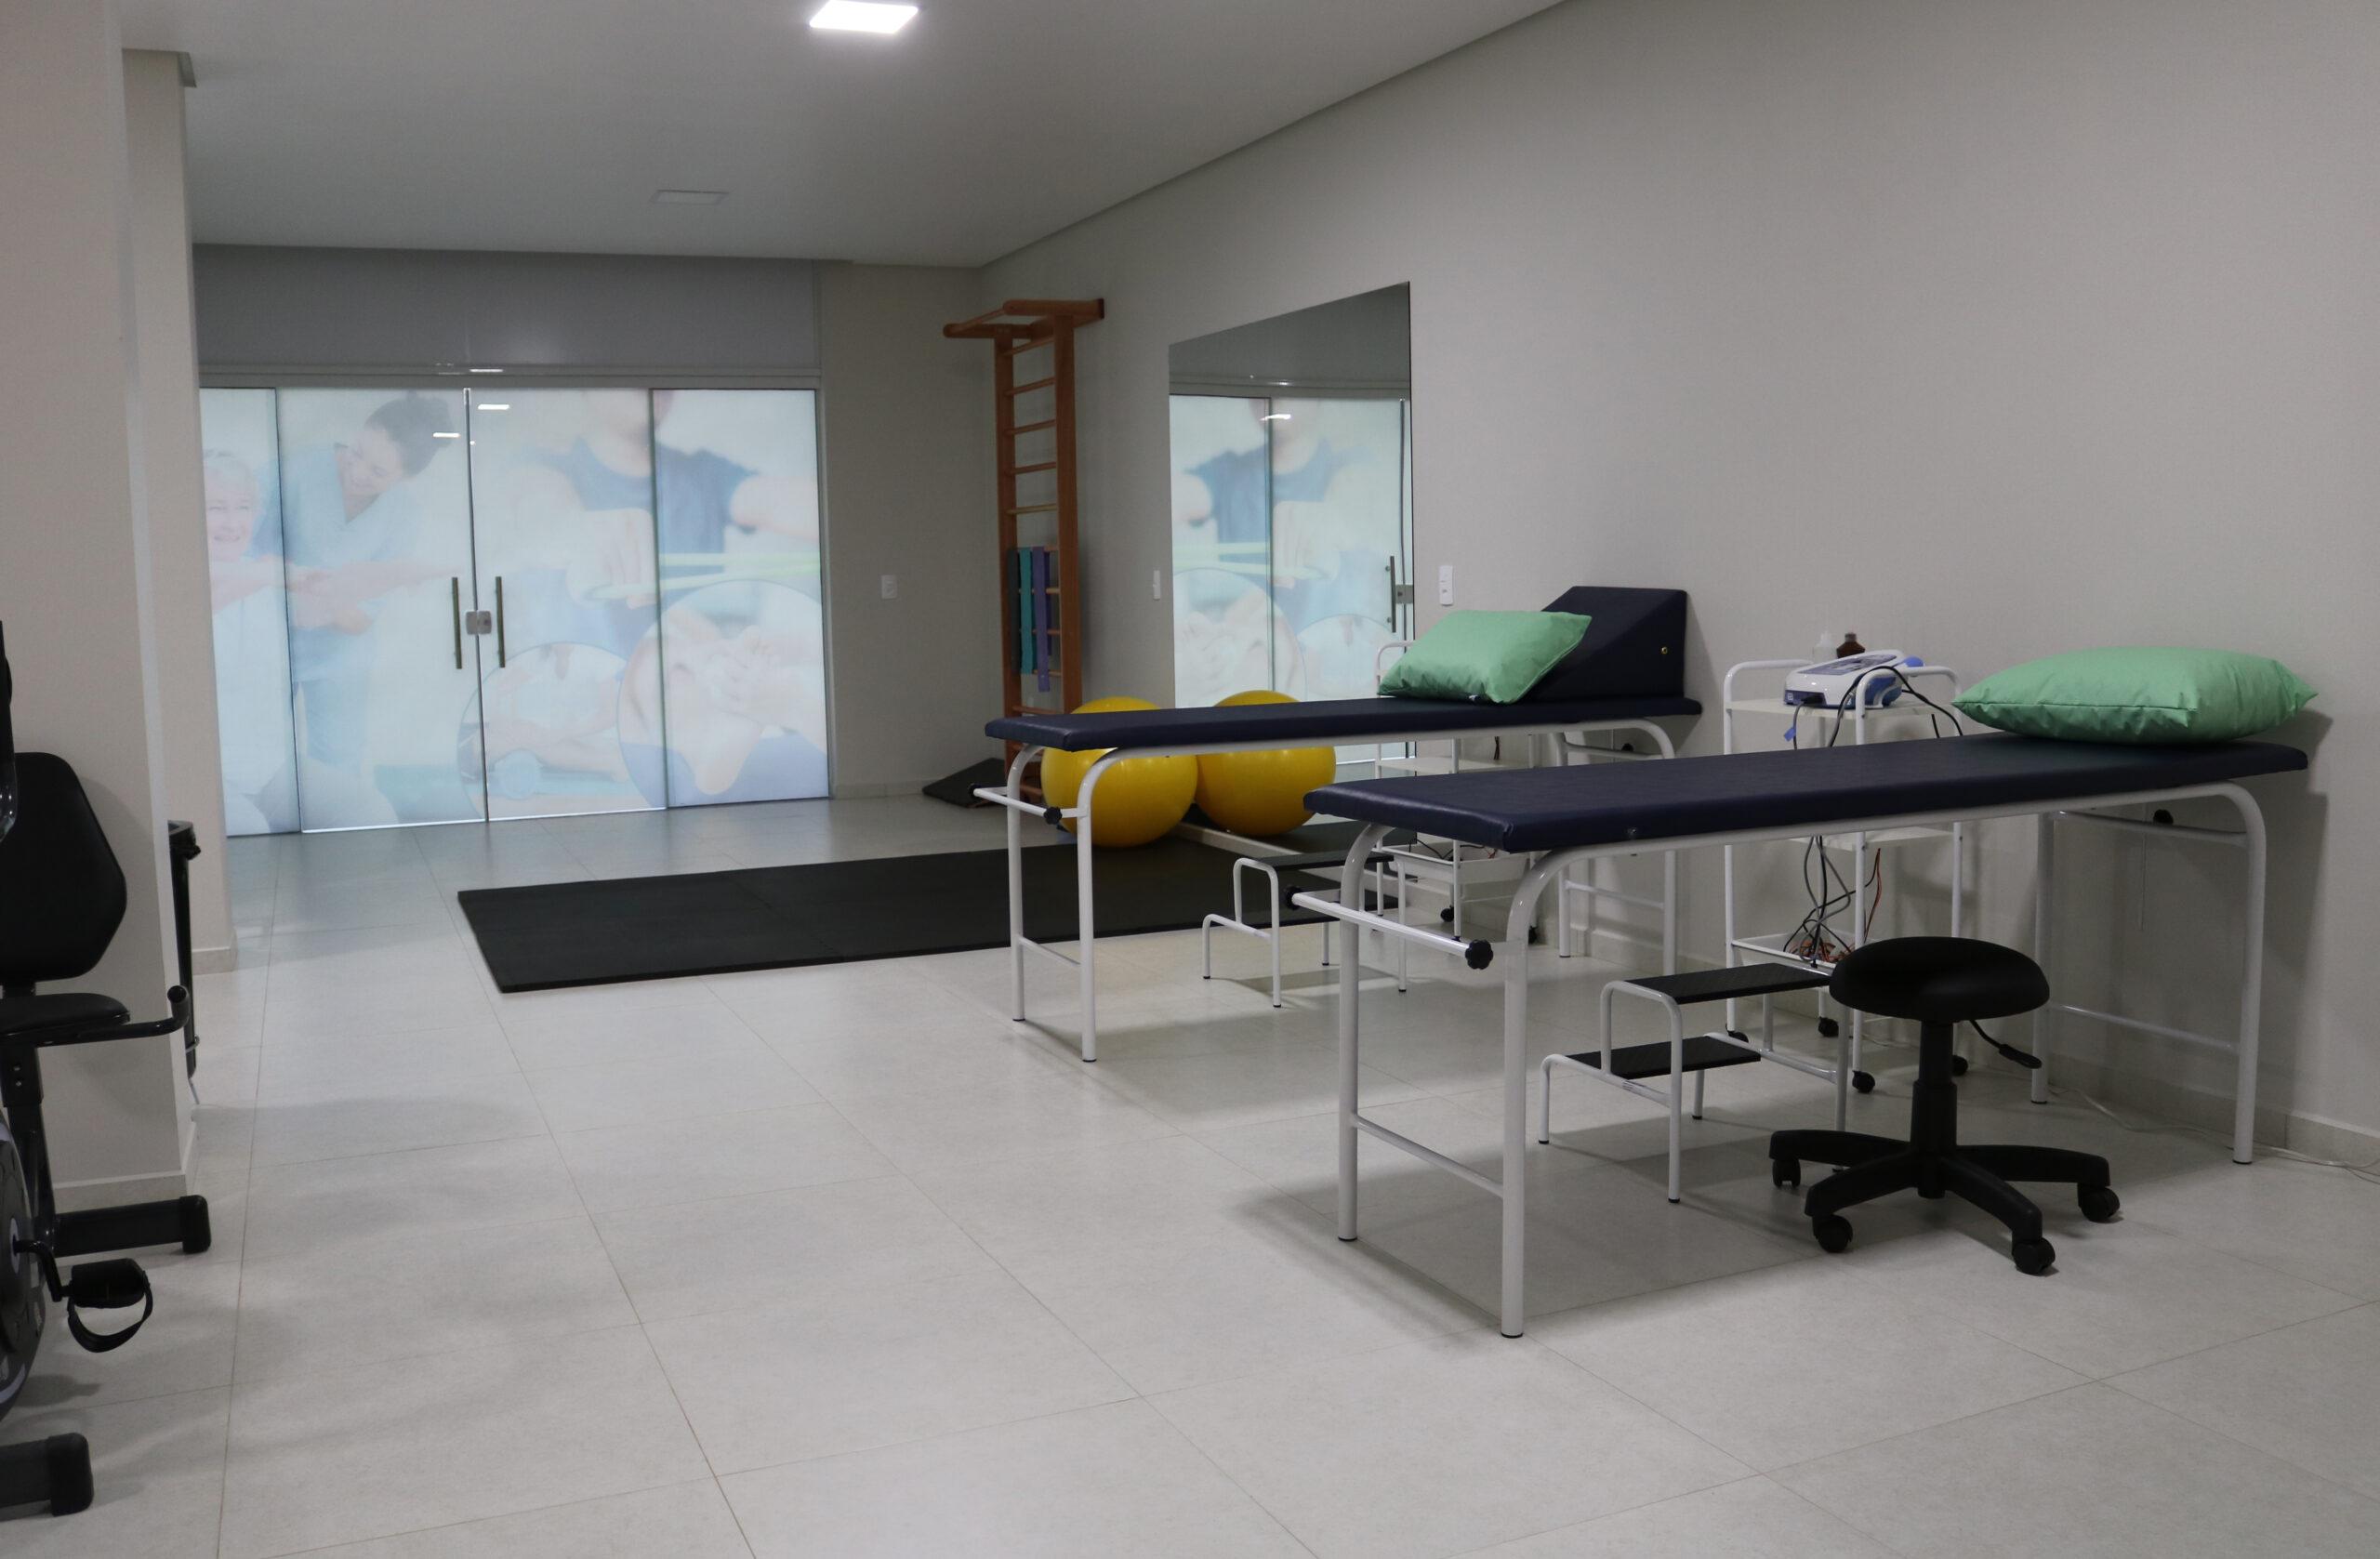 Novo Centro de Fisioterapia é aberto em Luiz Alves